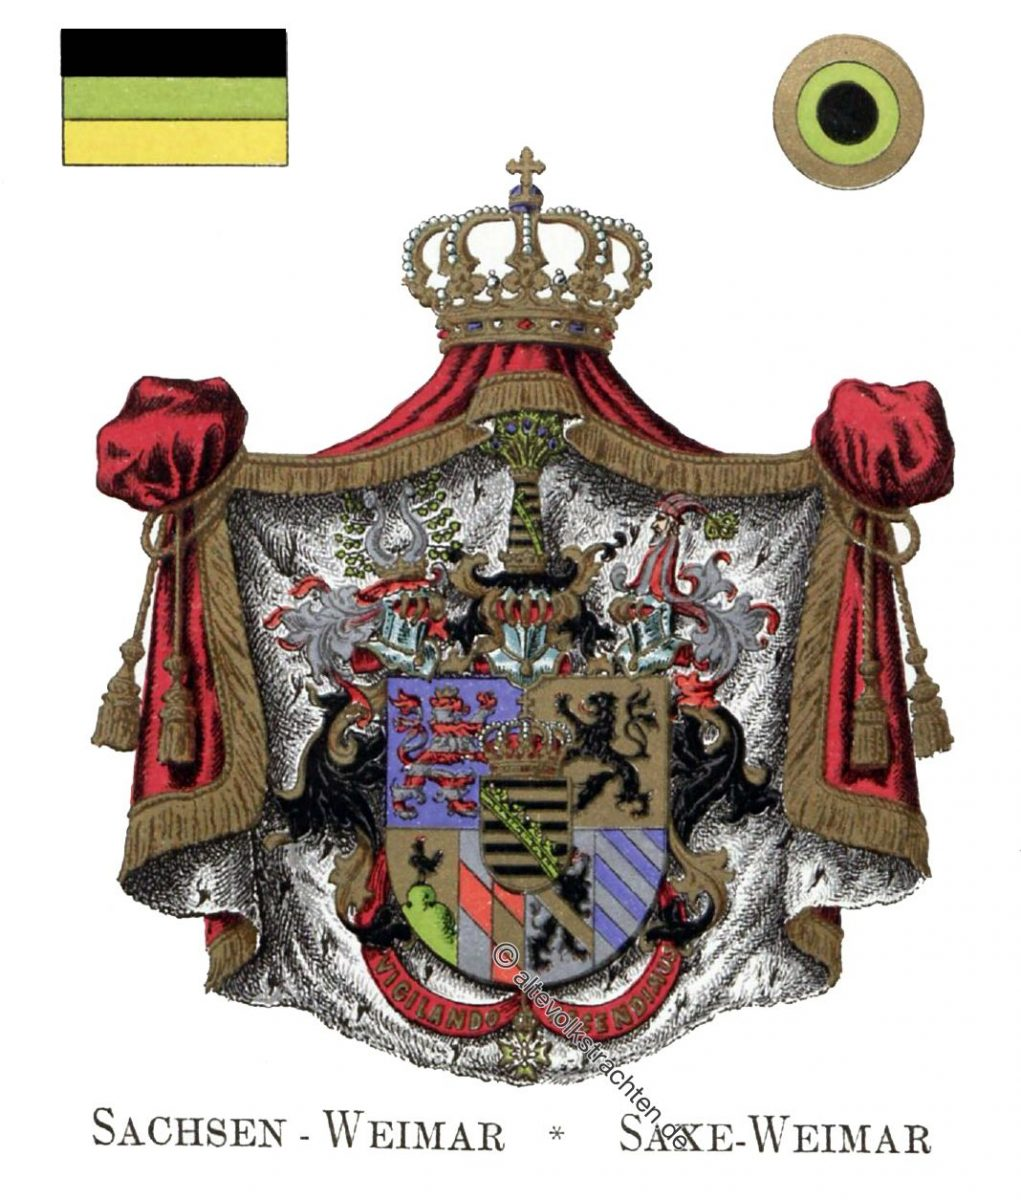 Sachsen-Weimar, Staatswappen, Wappen, Heraldik, Deutschland, Landesflaggen, Kokarden,